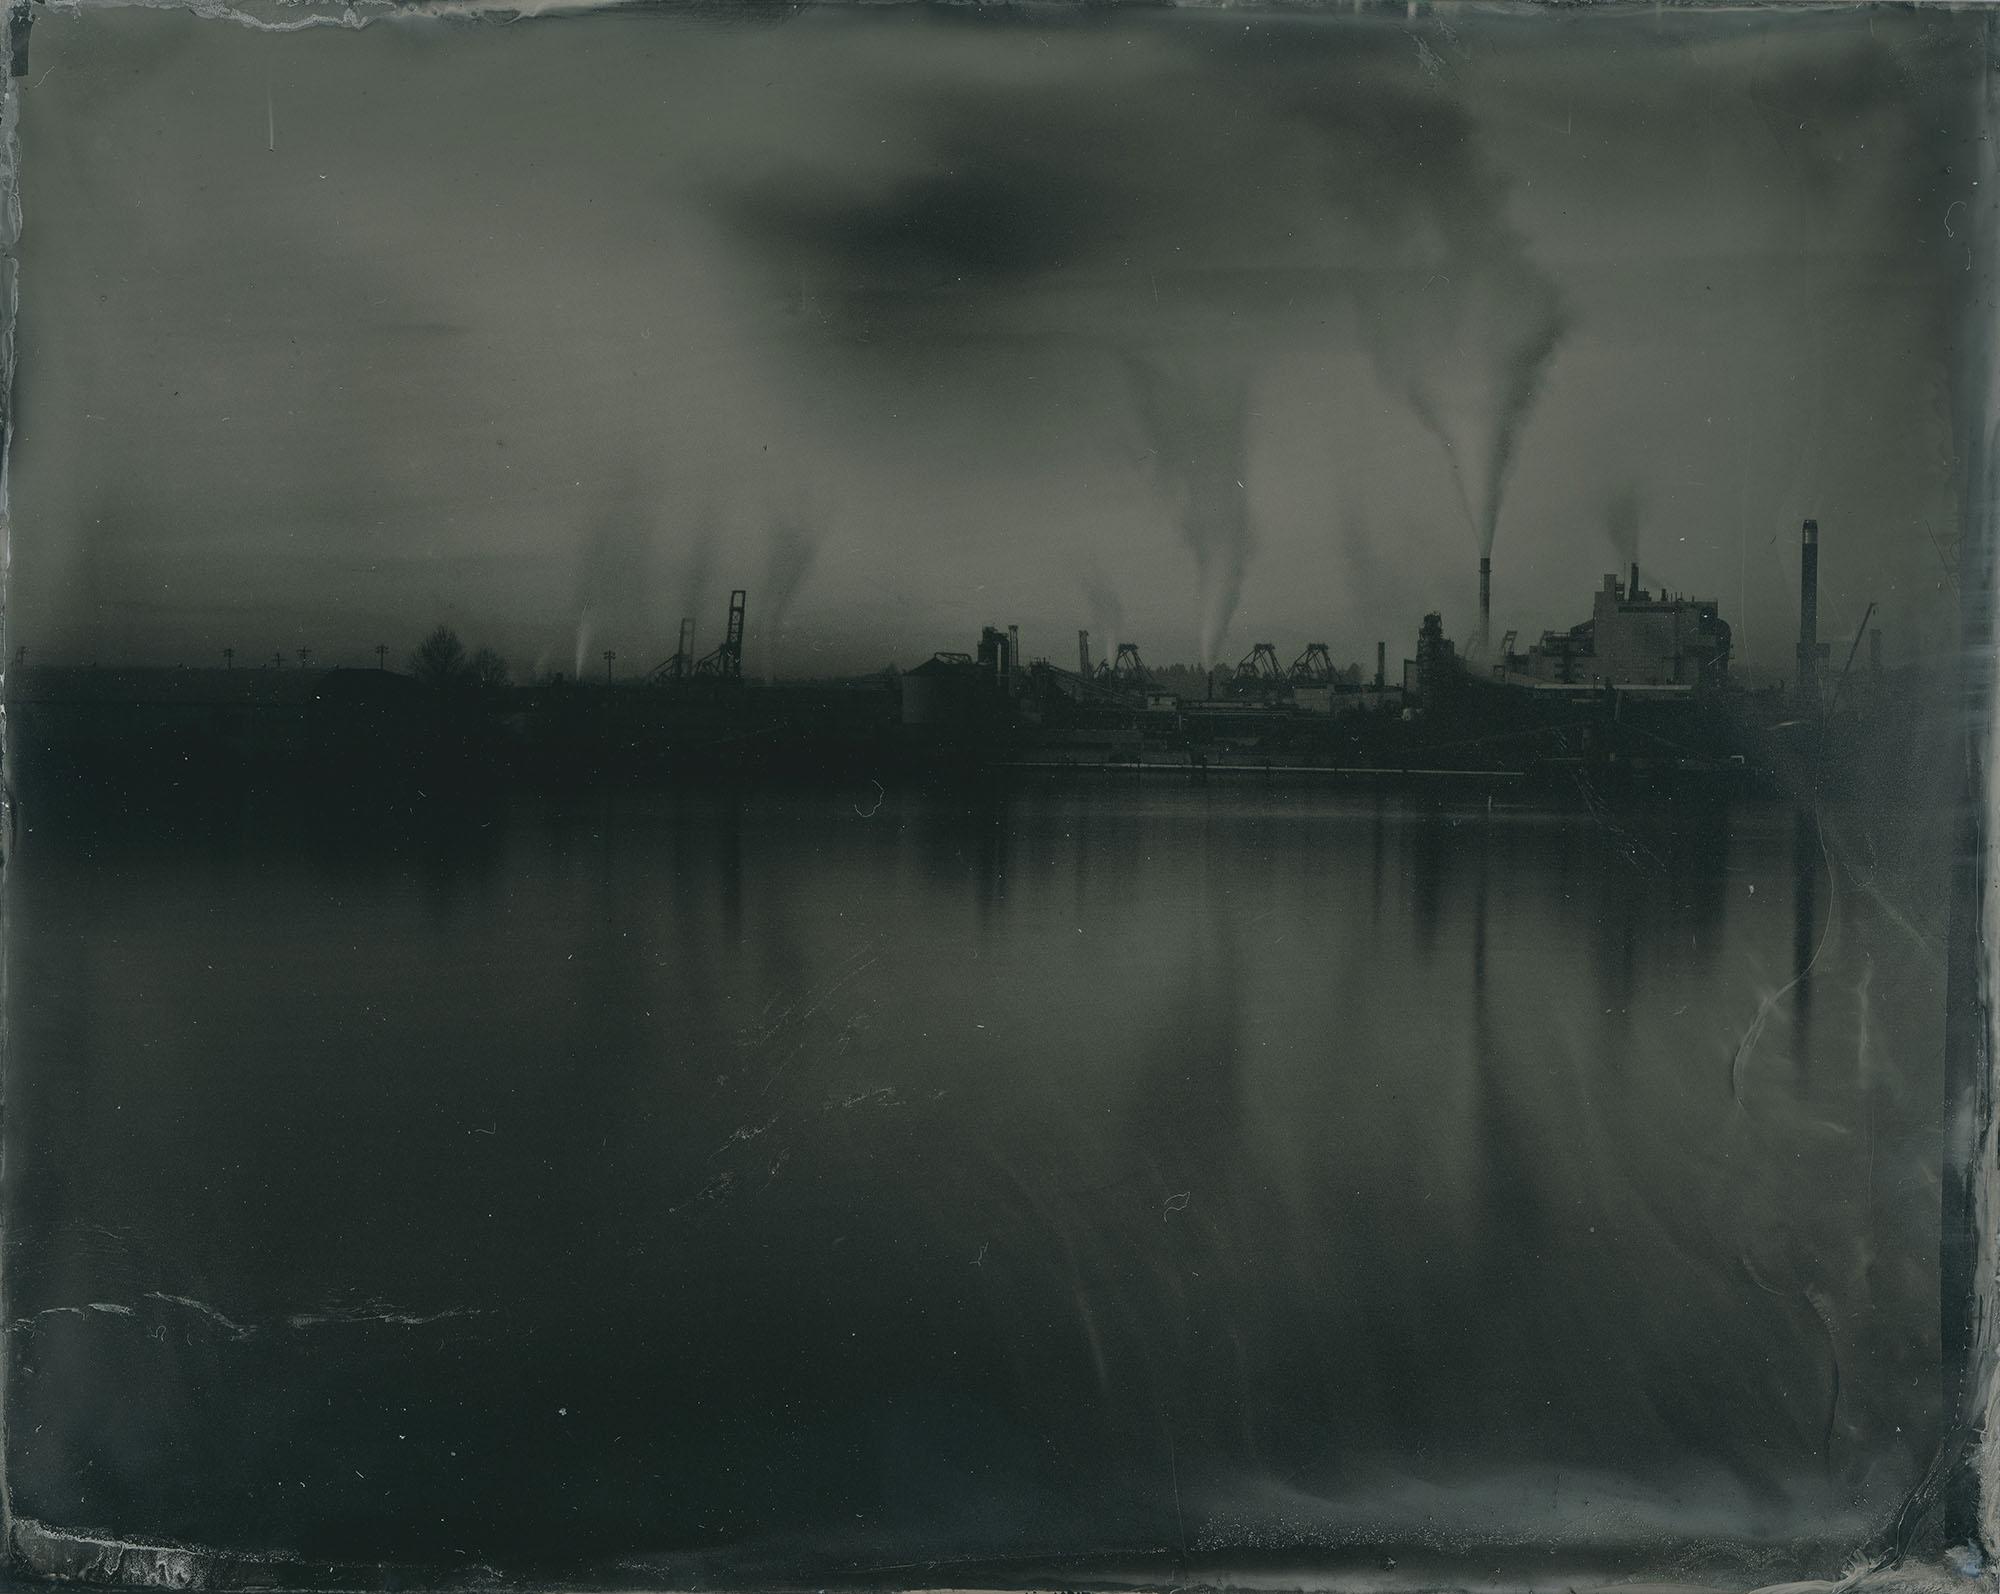 Title : Foss waterway industry By: Jason Biehner   www.sabertashphoto.com